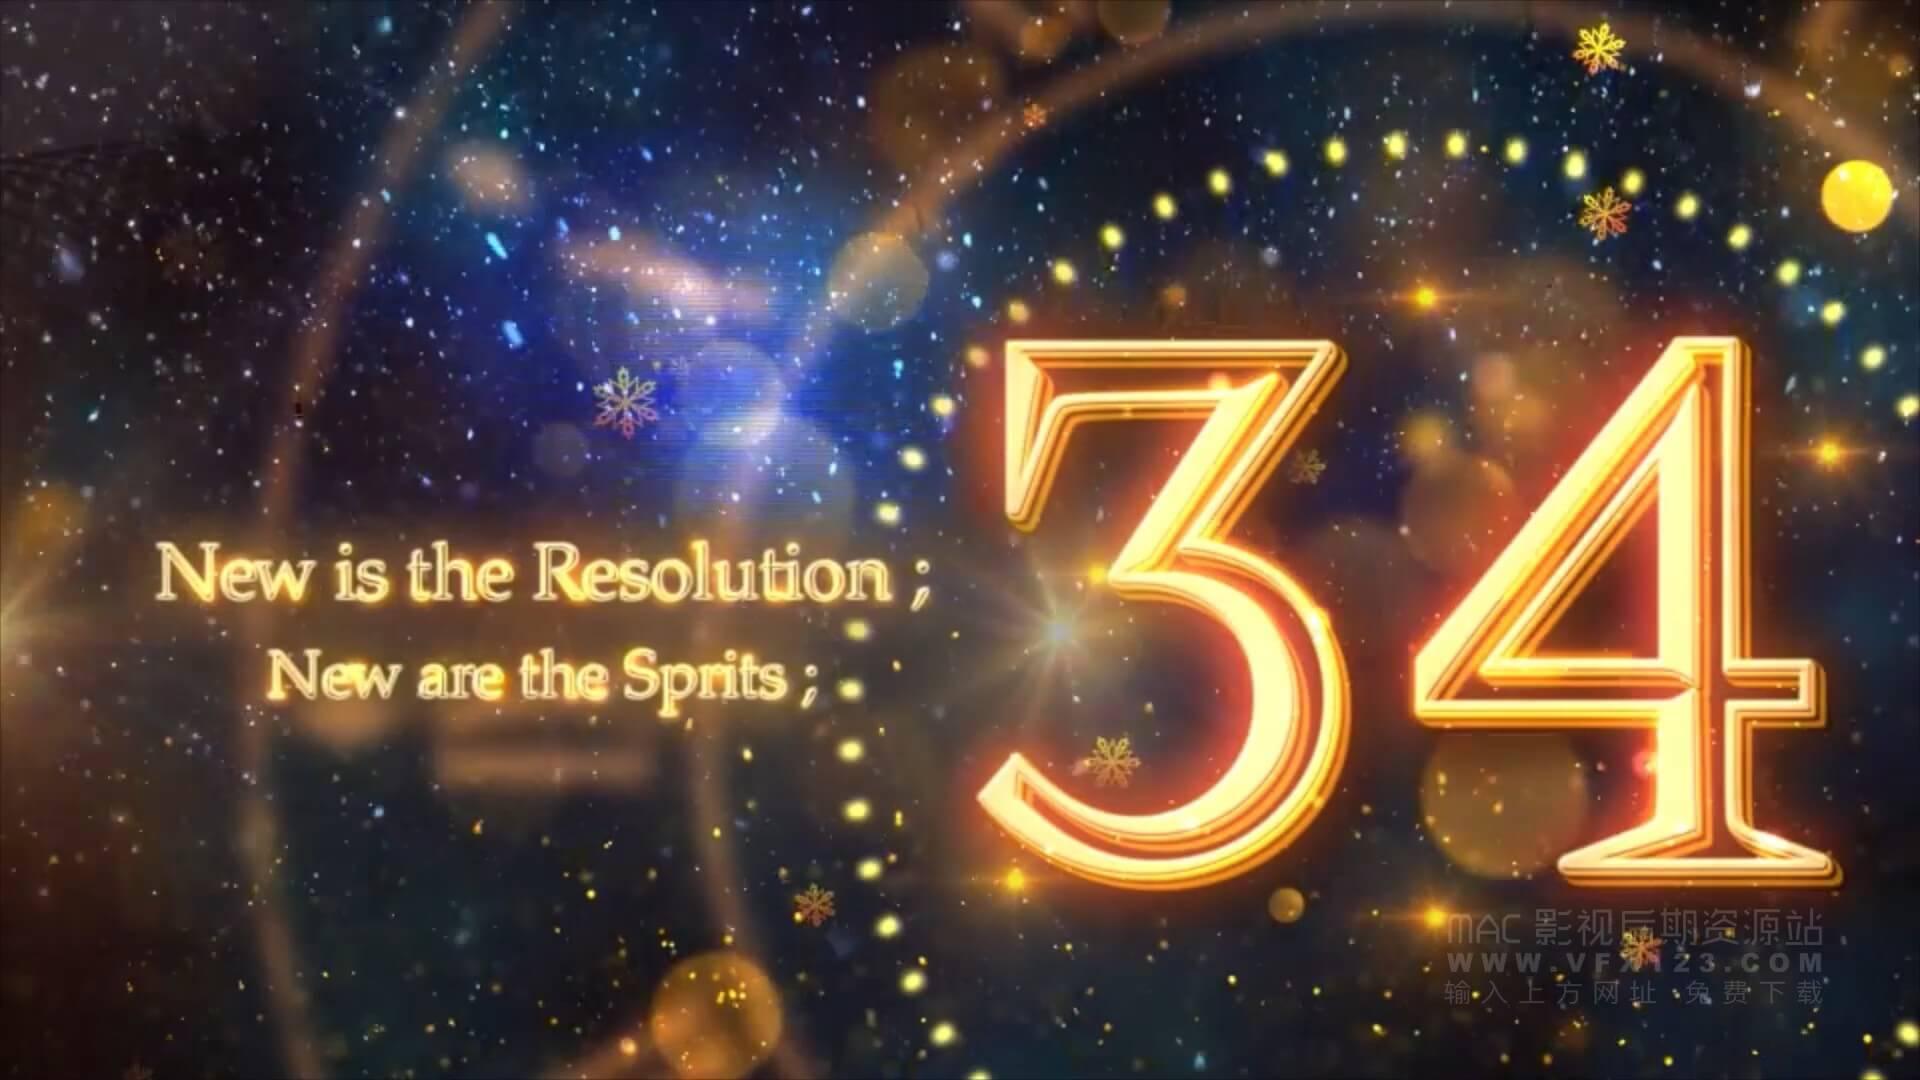 Ae模板 新年派对典礼庆祝活动动态倒计时 New Year Countdown 2019